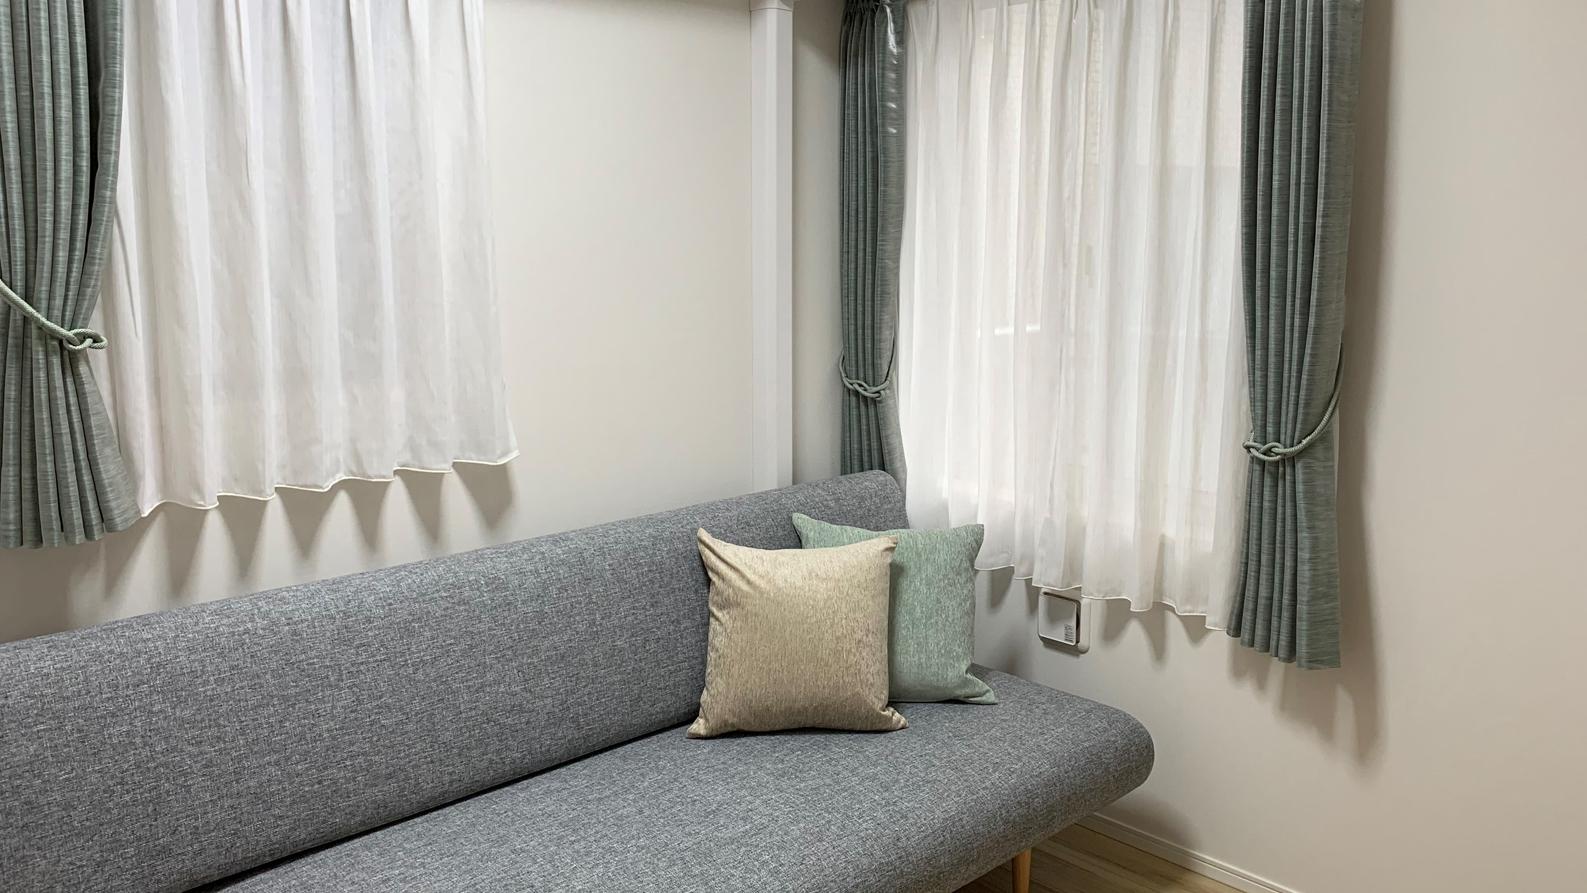 セカンドハウスのソファーベッド